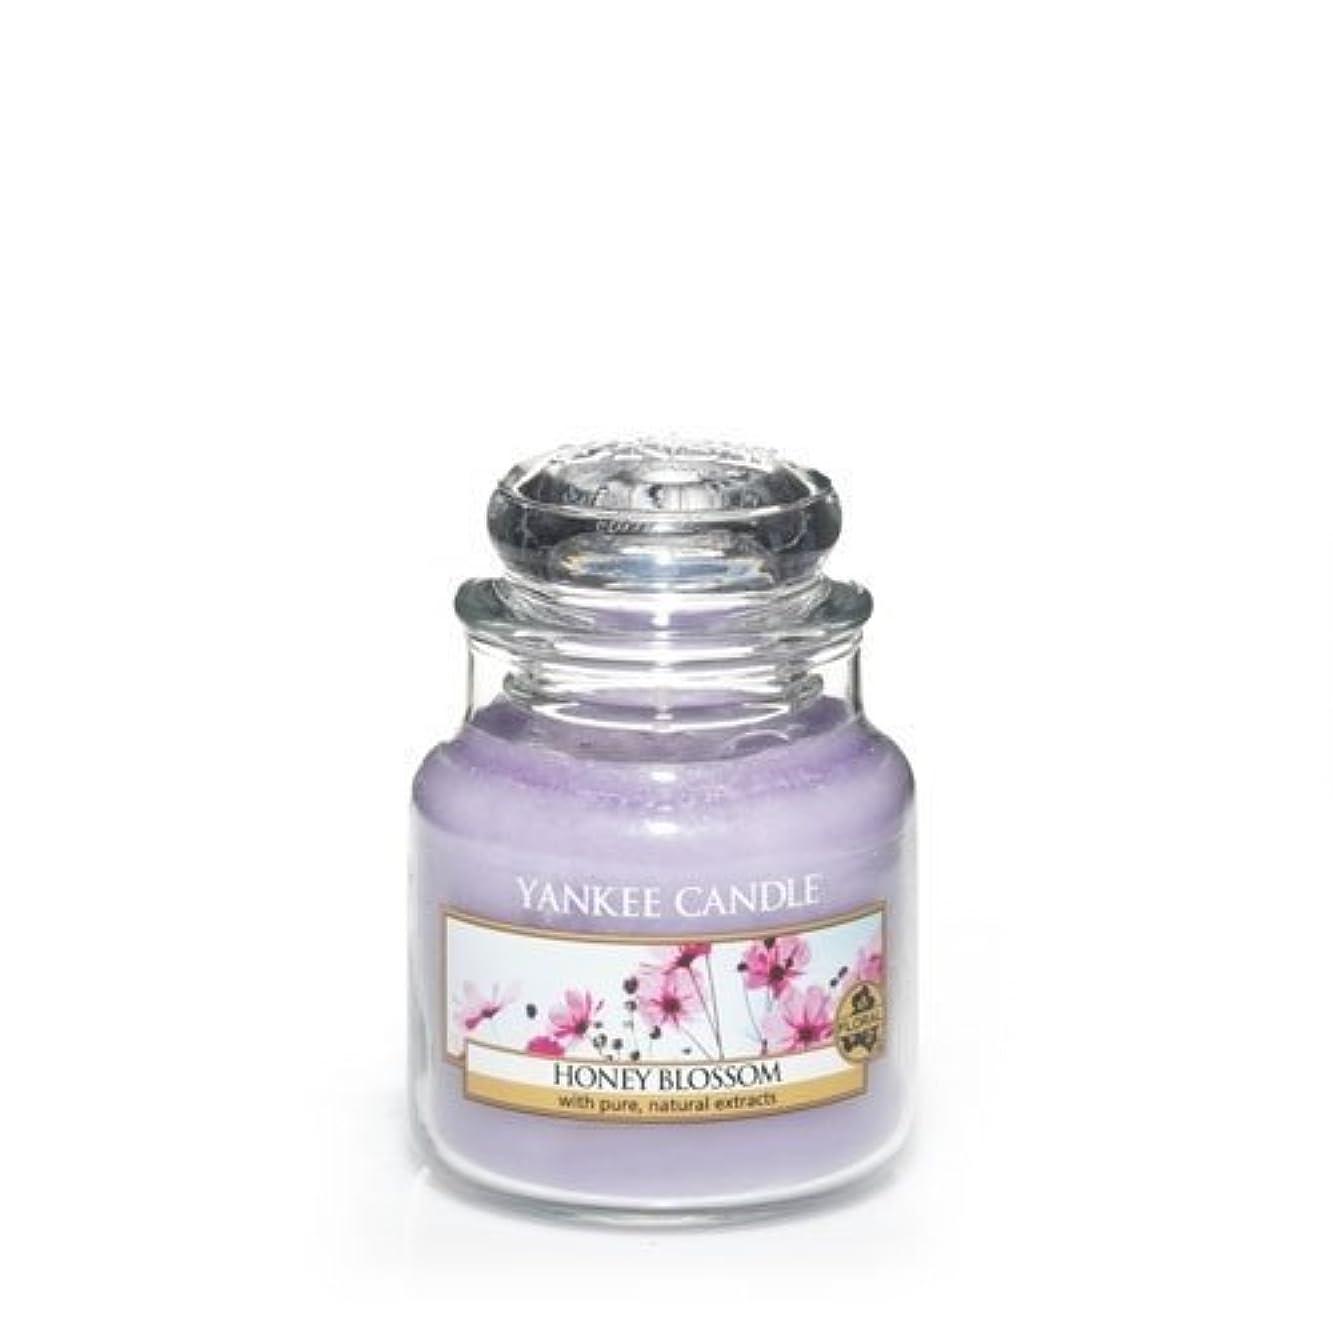 災害スズメバチベッツィトロットウッドYankee Candle Honey Blossom Small Jar Candle, Floral Scent by Yankee Candle [並行輸入品]